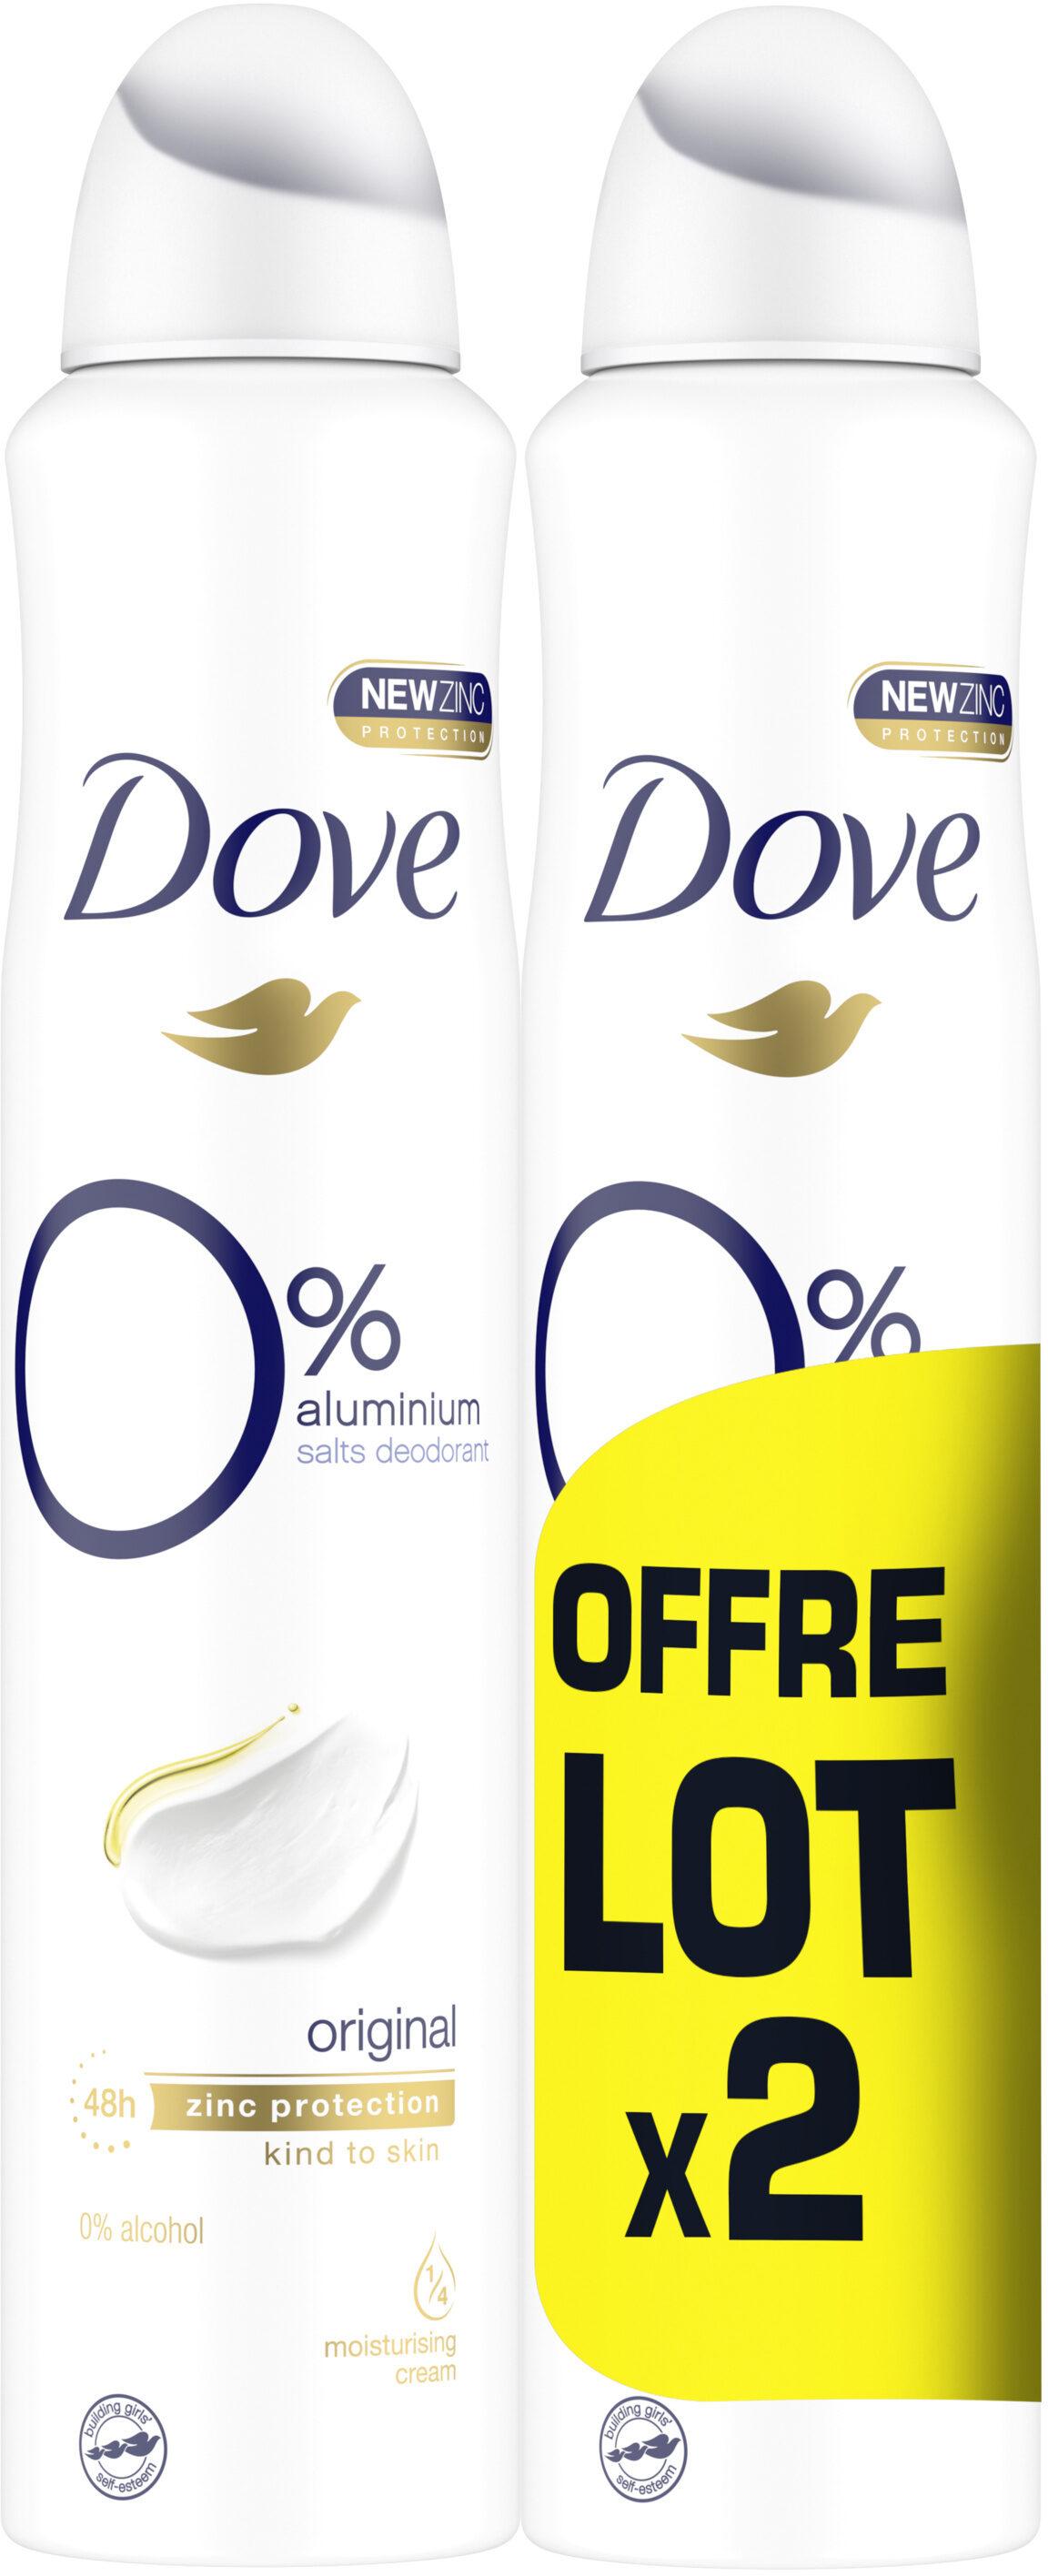 DOVE Déodorant Femme Spray Original O% 2x200ml - Produit - fr